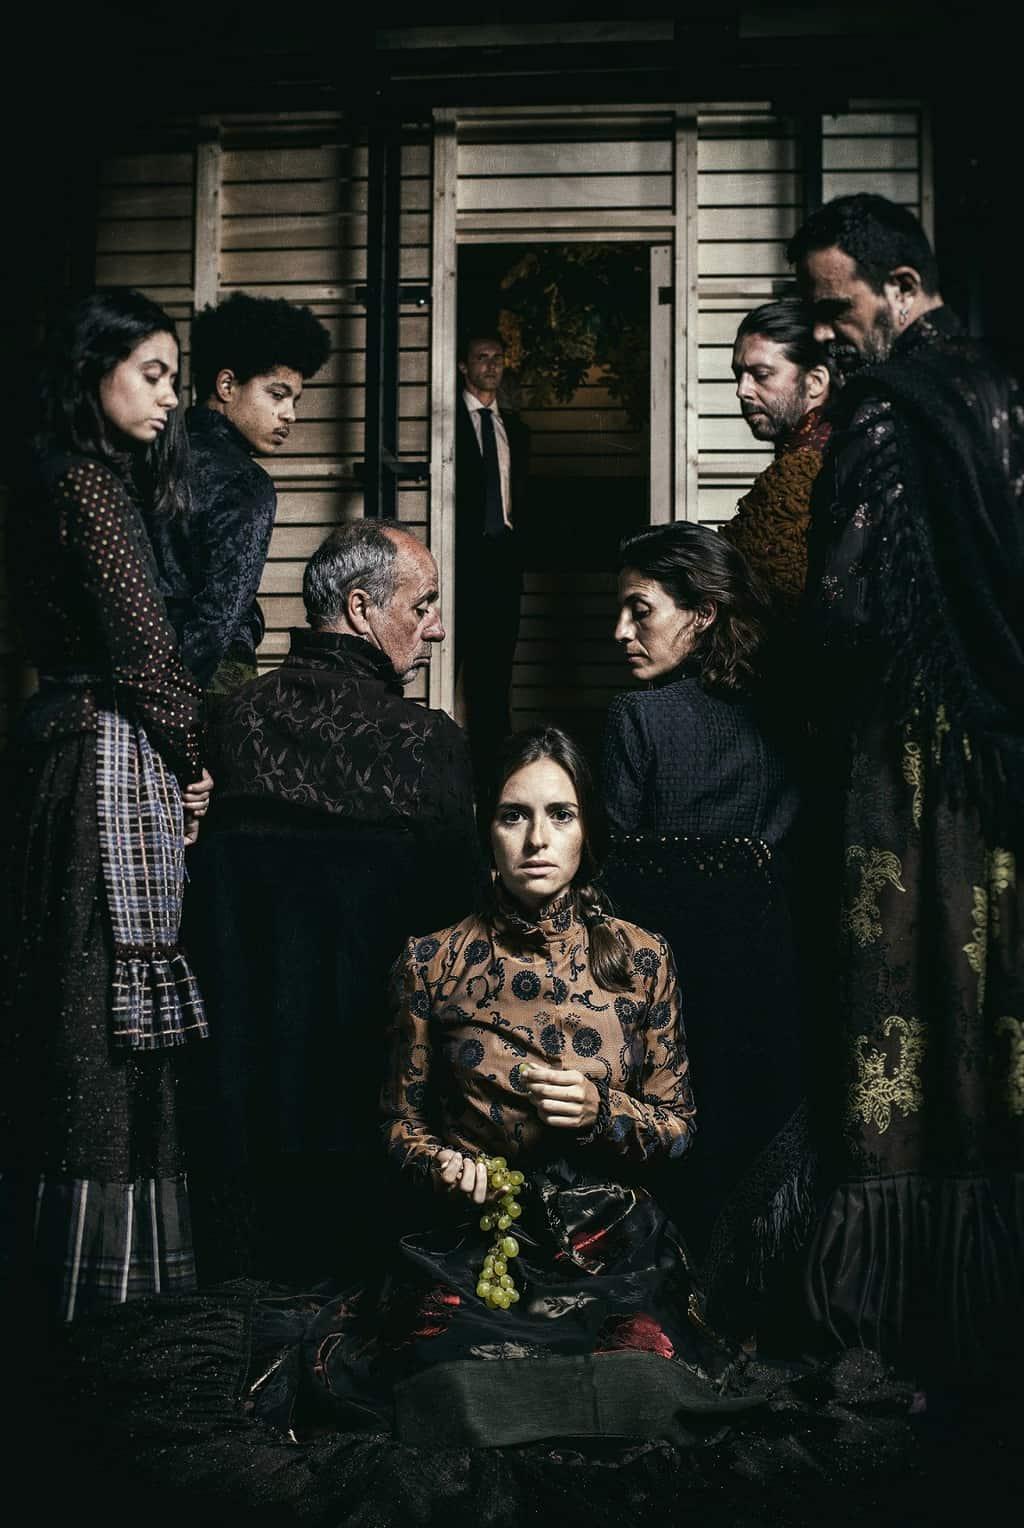 Catarina e a beleza de matar fascistas Artes & contextos Catarina ©Pedro Macedo Framed Photos